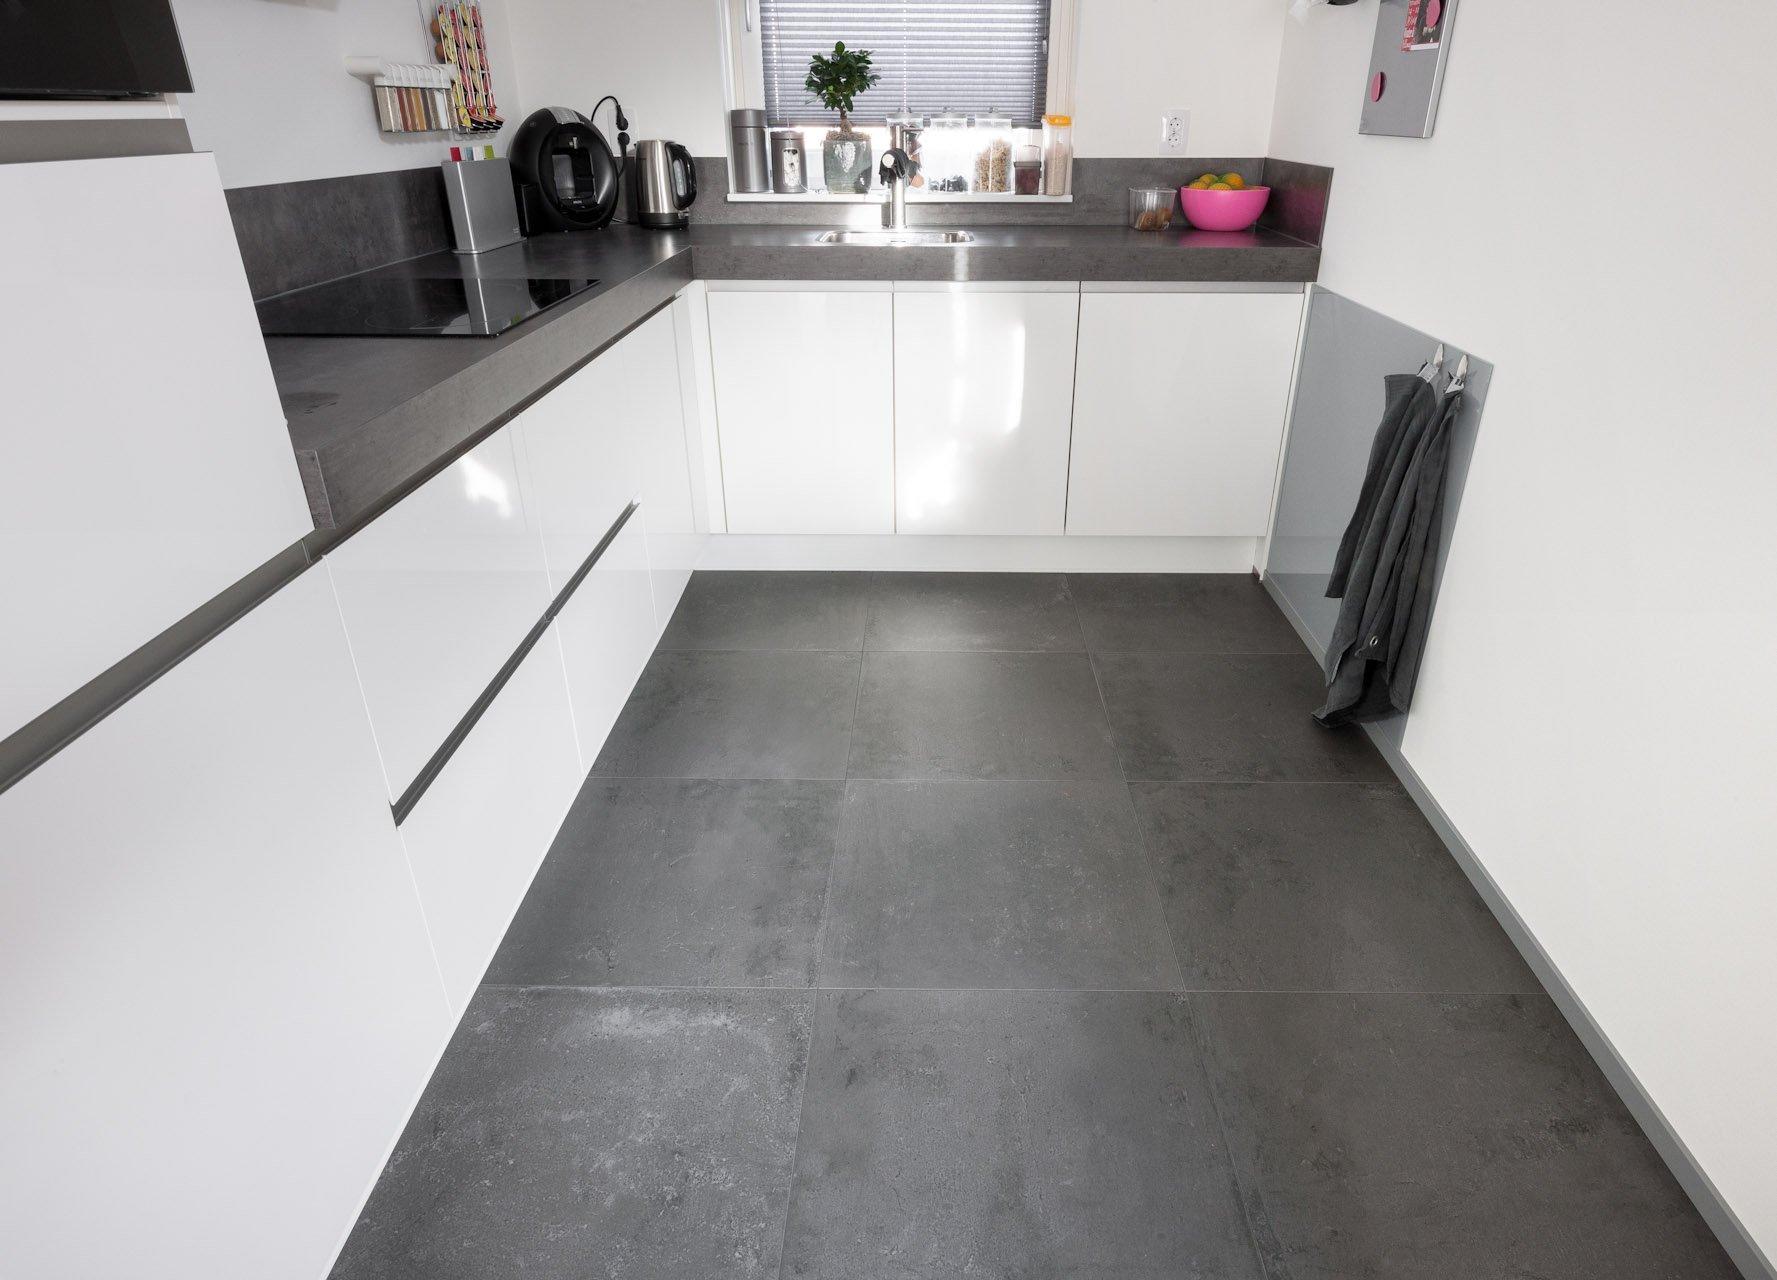 Keukentegels wandtegels voor in de keuken kroon - Tegelvloer patroon ...